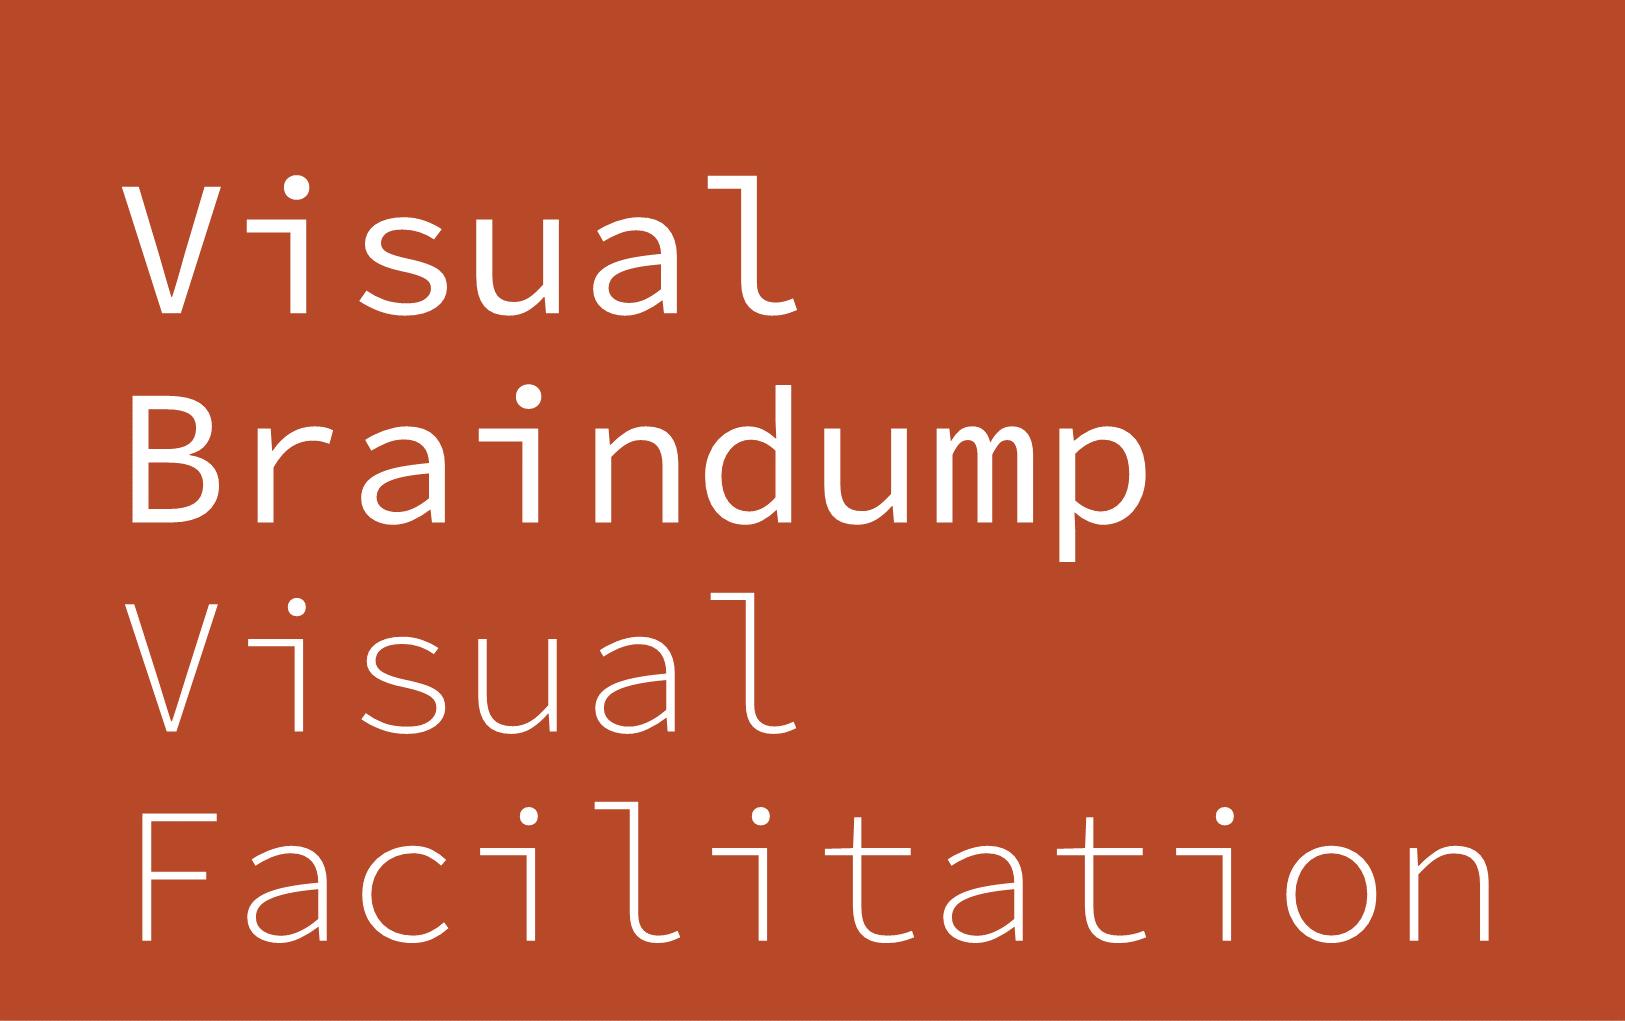 visual braindump